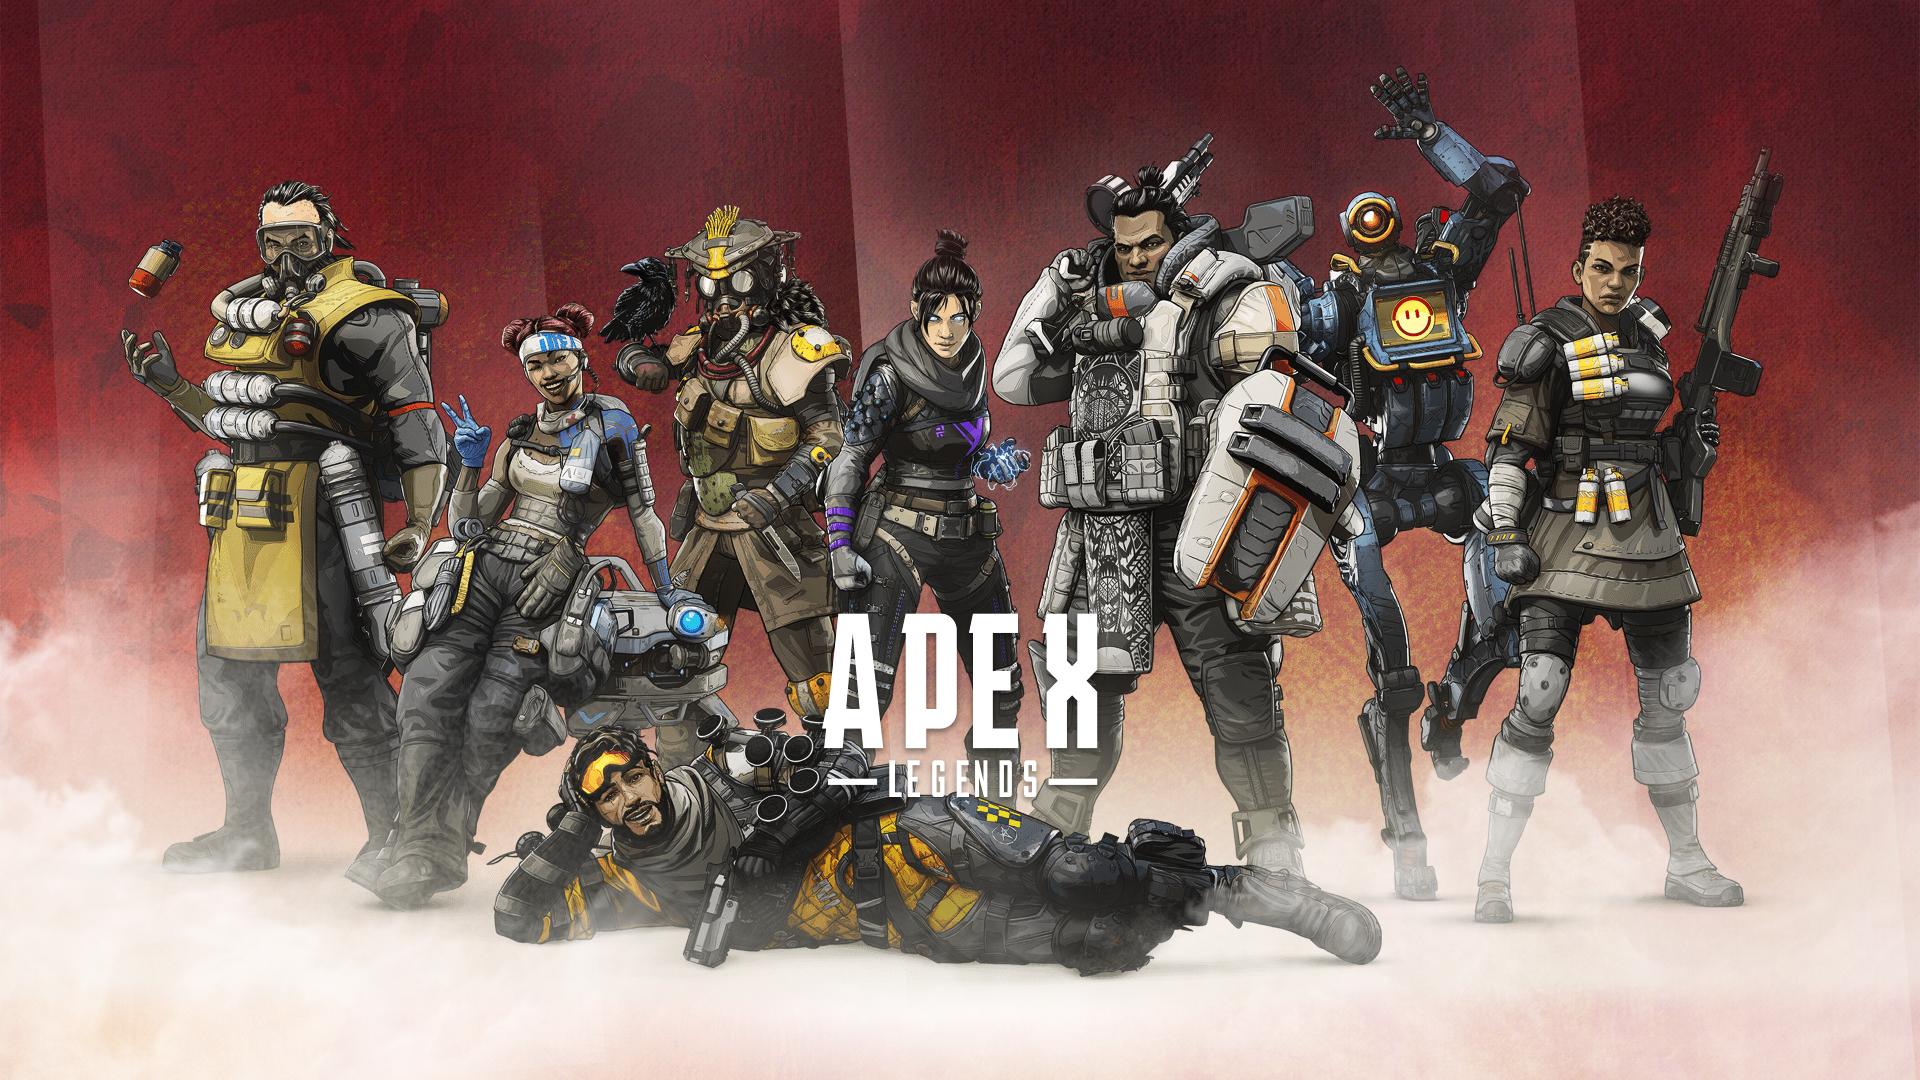 Apex legends, steam, guide